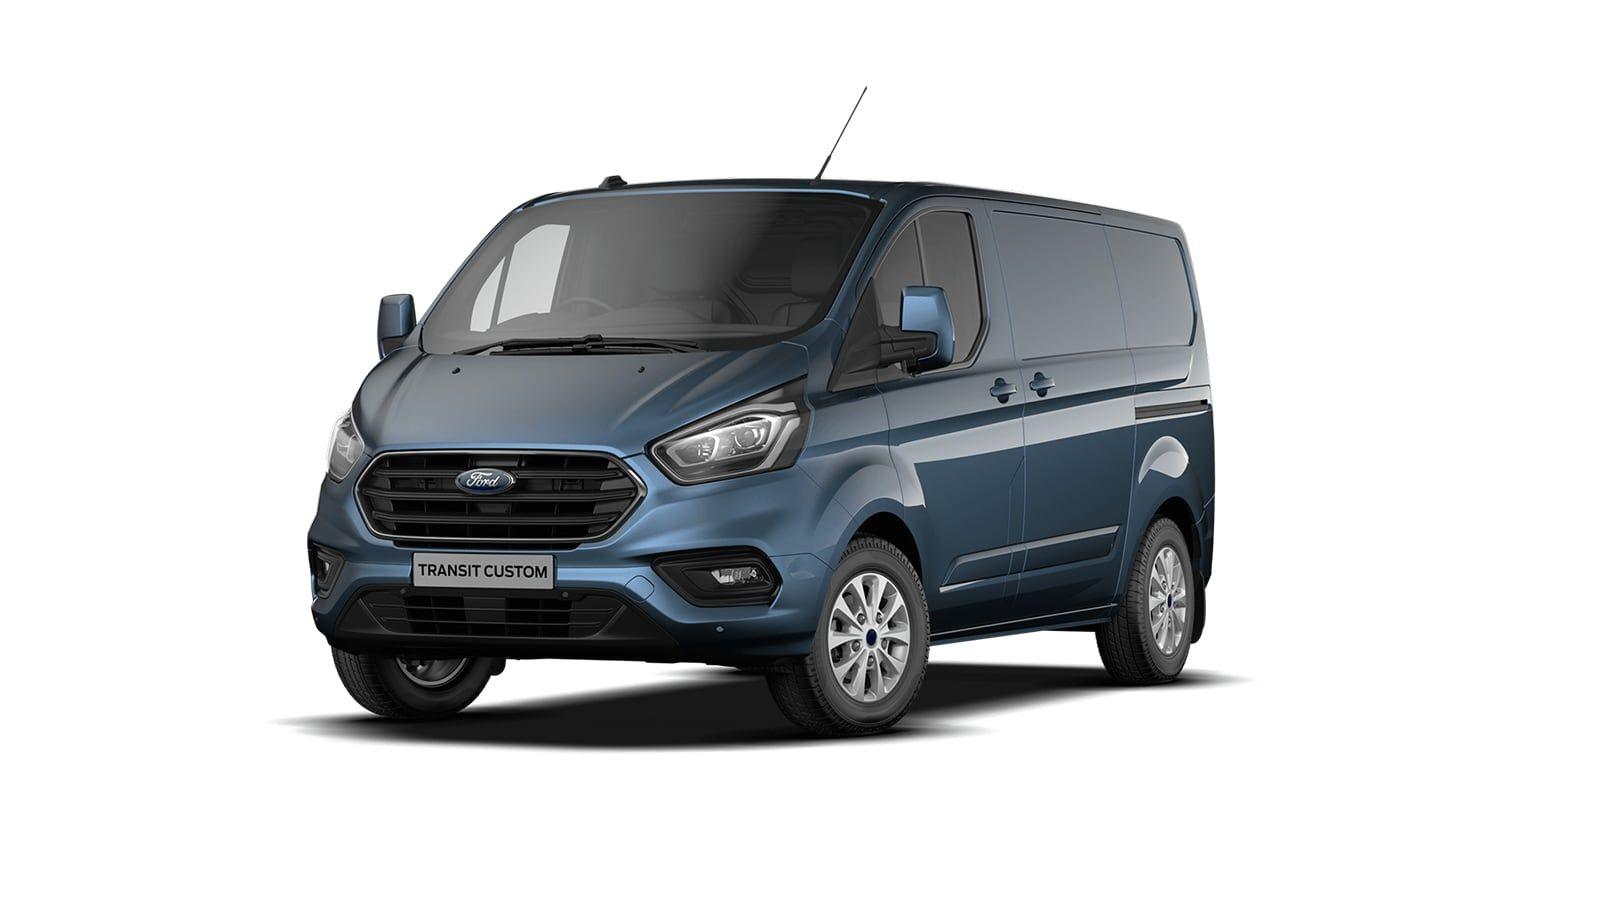 Nieuw Ford Transit custom 340S Gesloten bestelwagen L1 Limited pHEVAut 1.0 Petrol 125 BYB - Metaalkleur: Chrome Blue 1